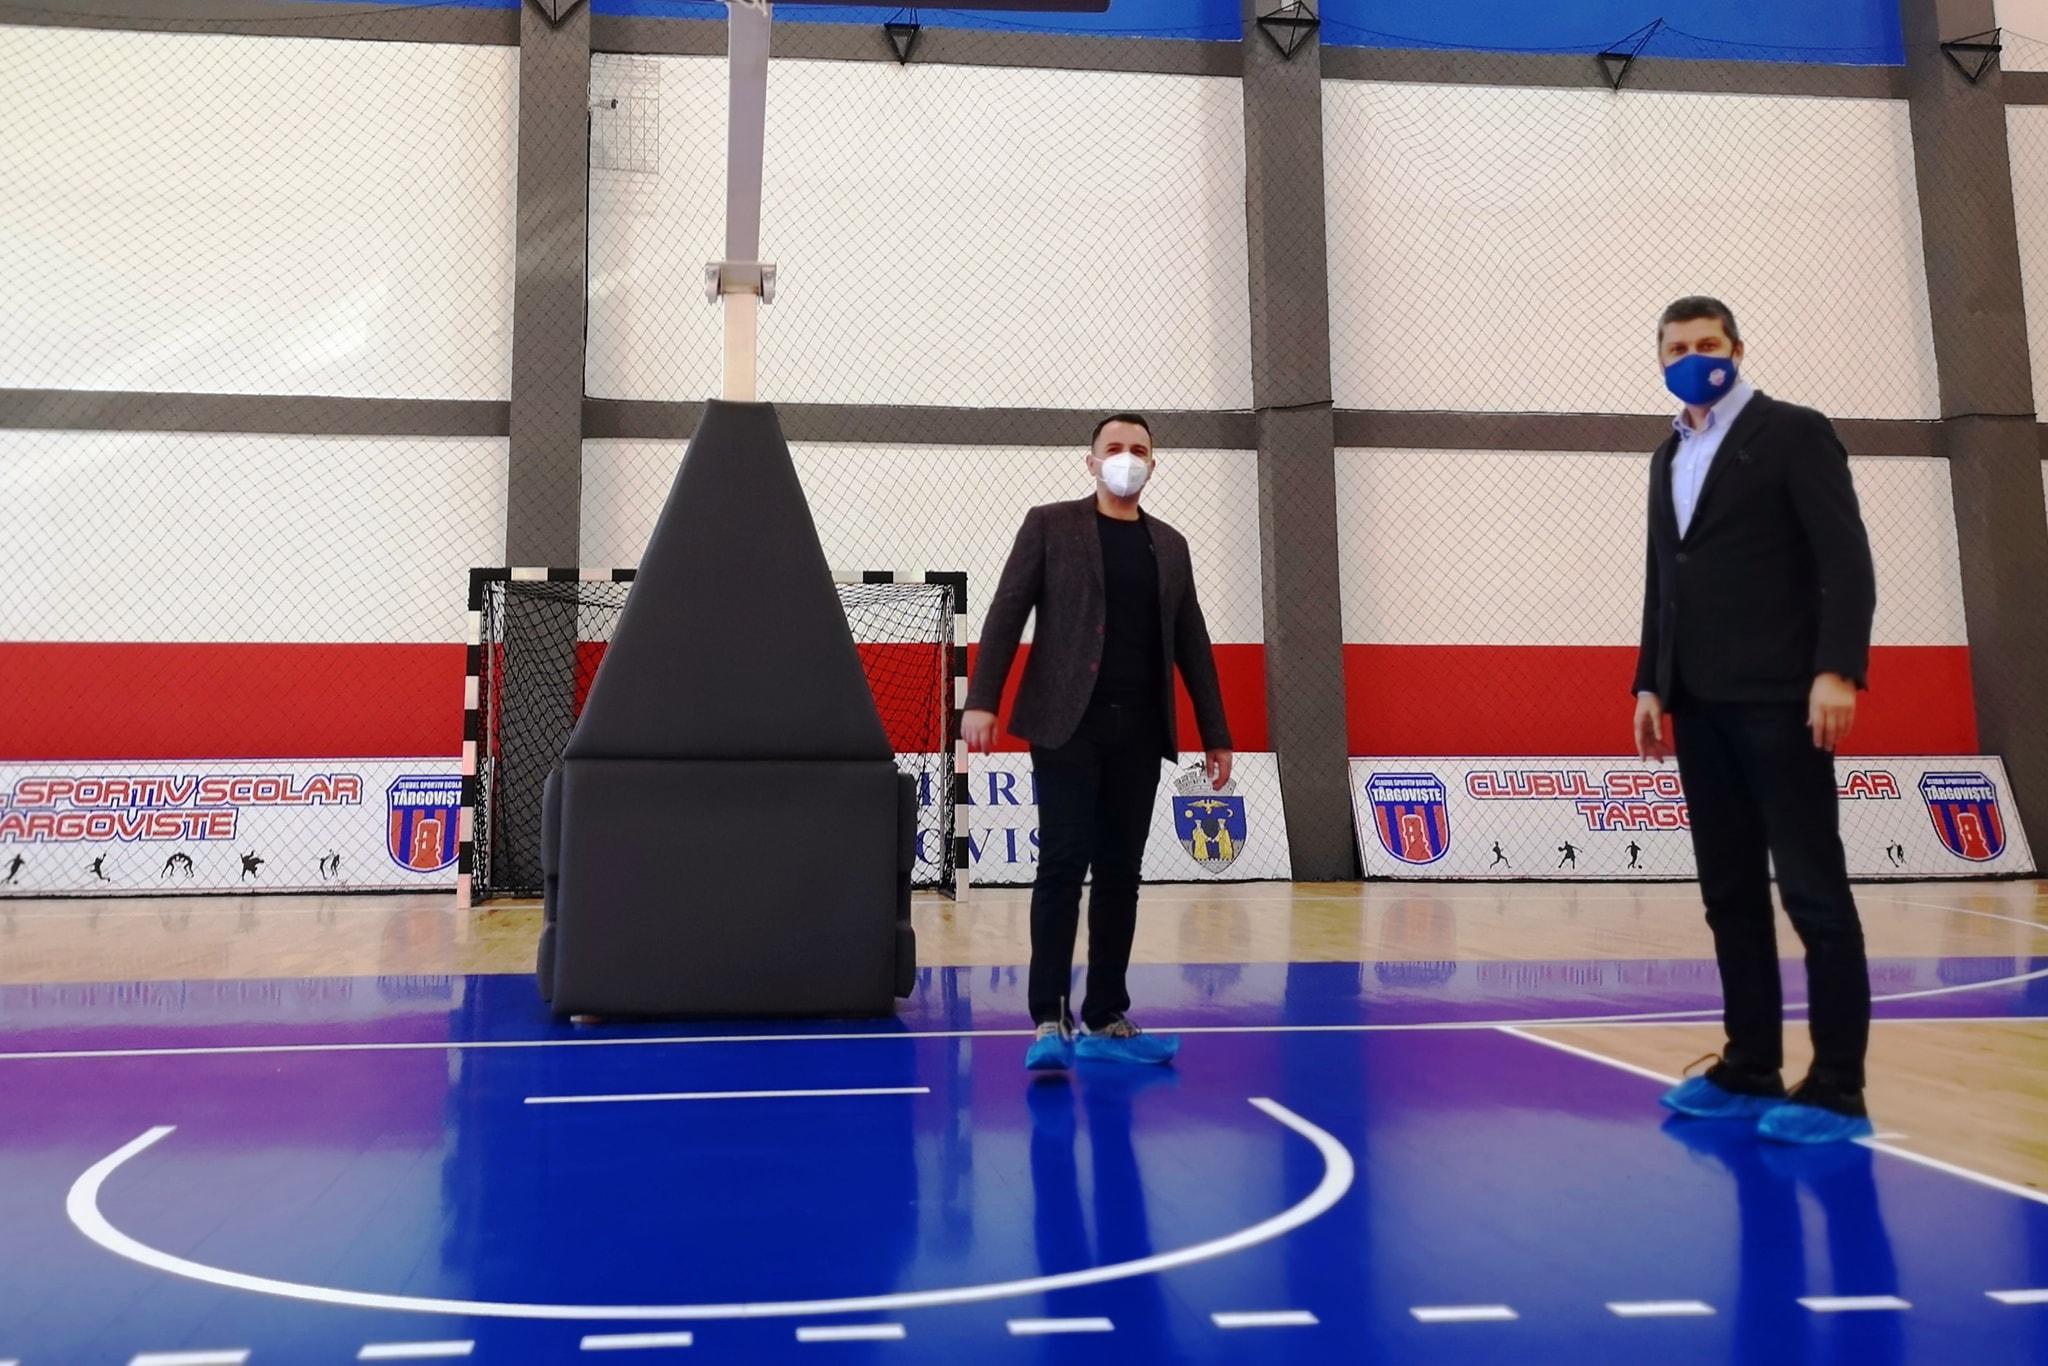 600 de sportivi de la Clubul Sportiv Școlar Târgoviște, prin grija administrației târgoviștene, beneficiază de o sală de sport modernă